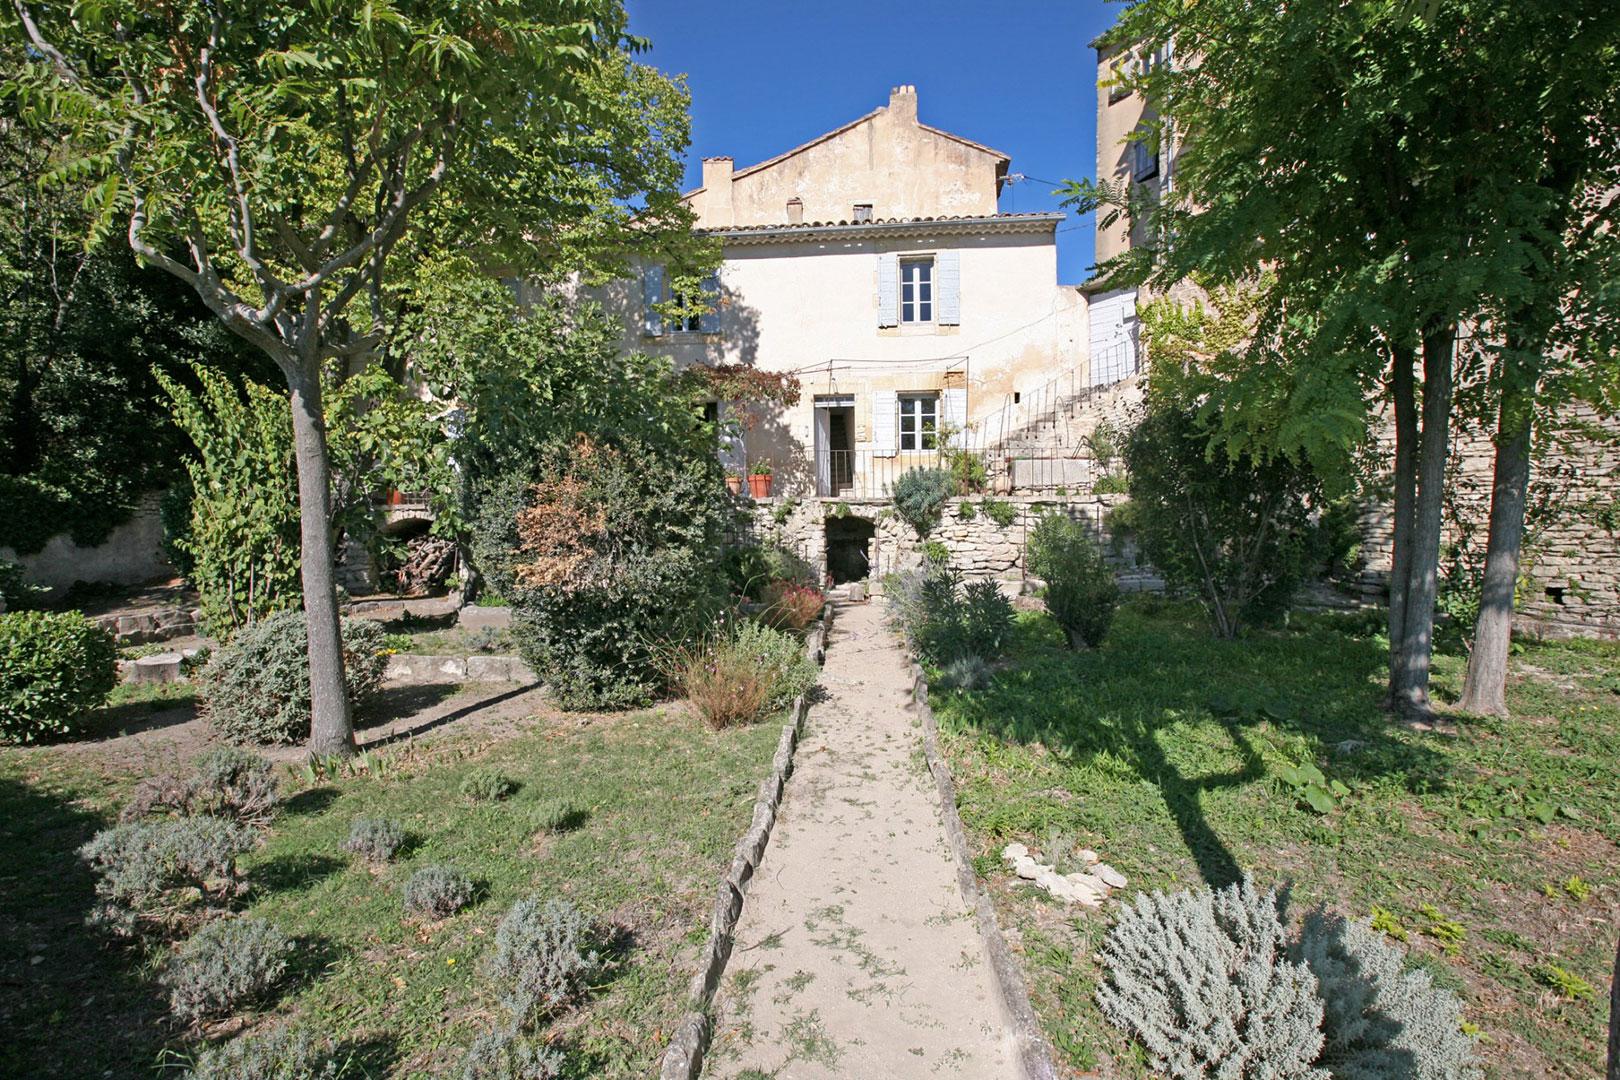 Maison avec jardin à vendre en Luberon